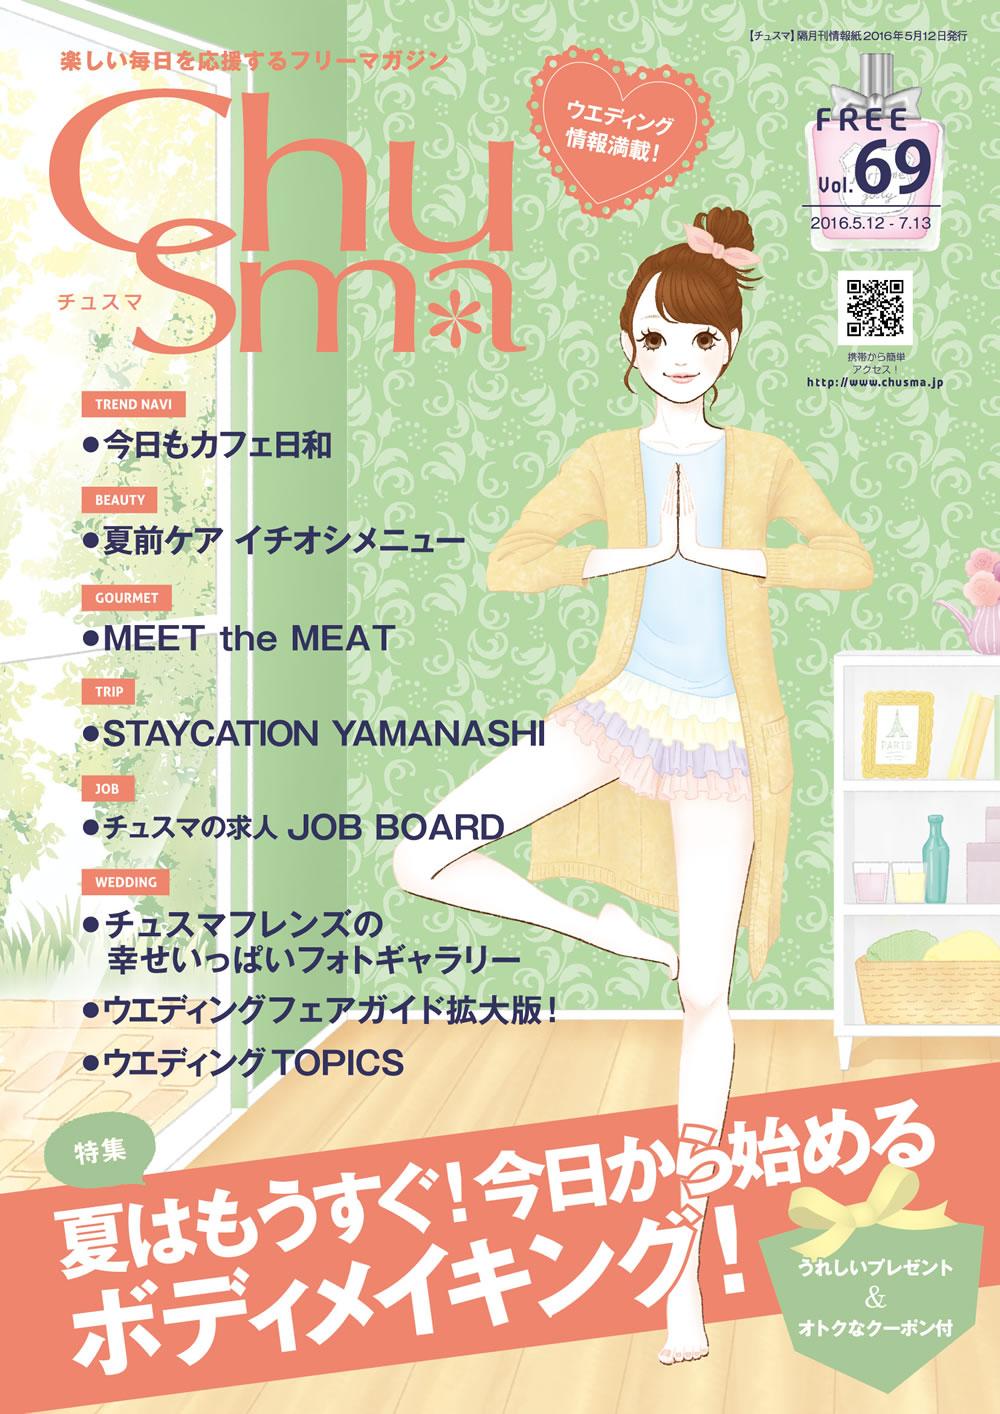 Chusma(チュスマ)Vol.69に掲載されました!